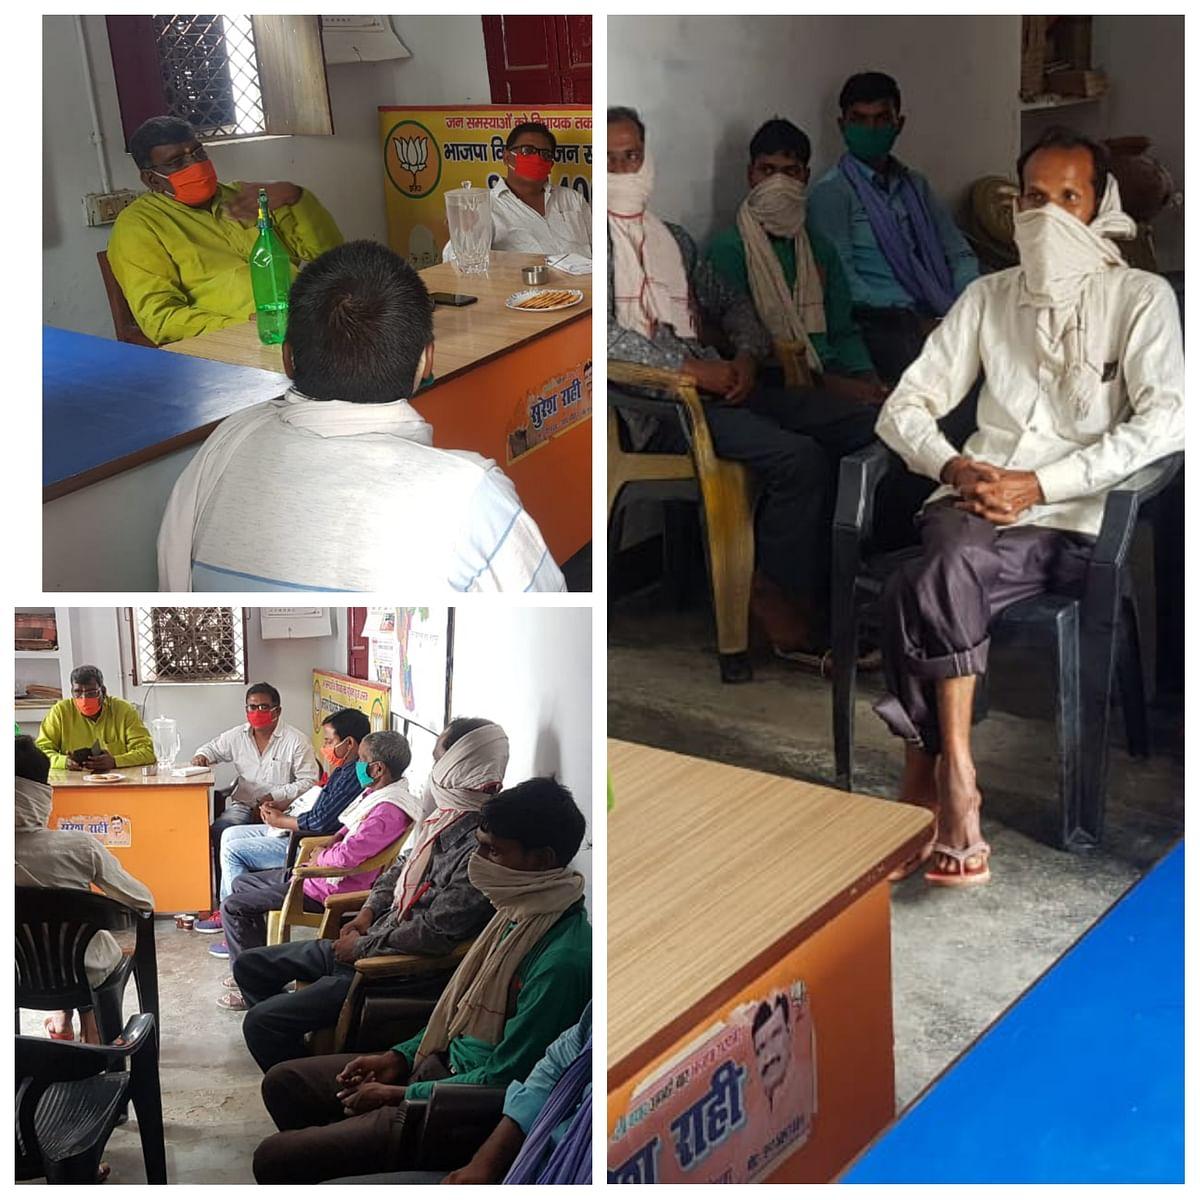 सीतापुर: हरगांव विधायक ने आवास पर लगायी जन चौपाल, कहा देश व प्रदेश विकास के पथ पर-सुरेश राही